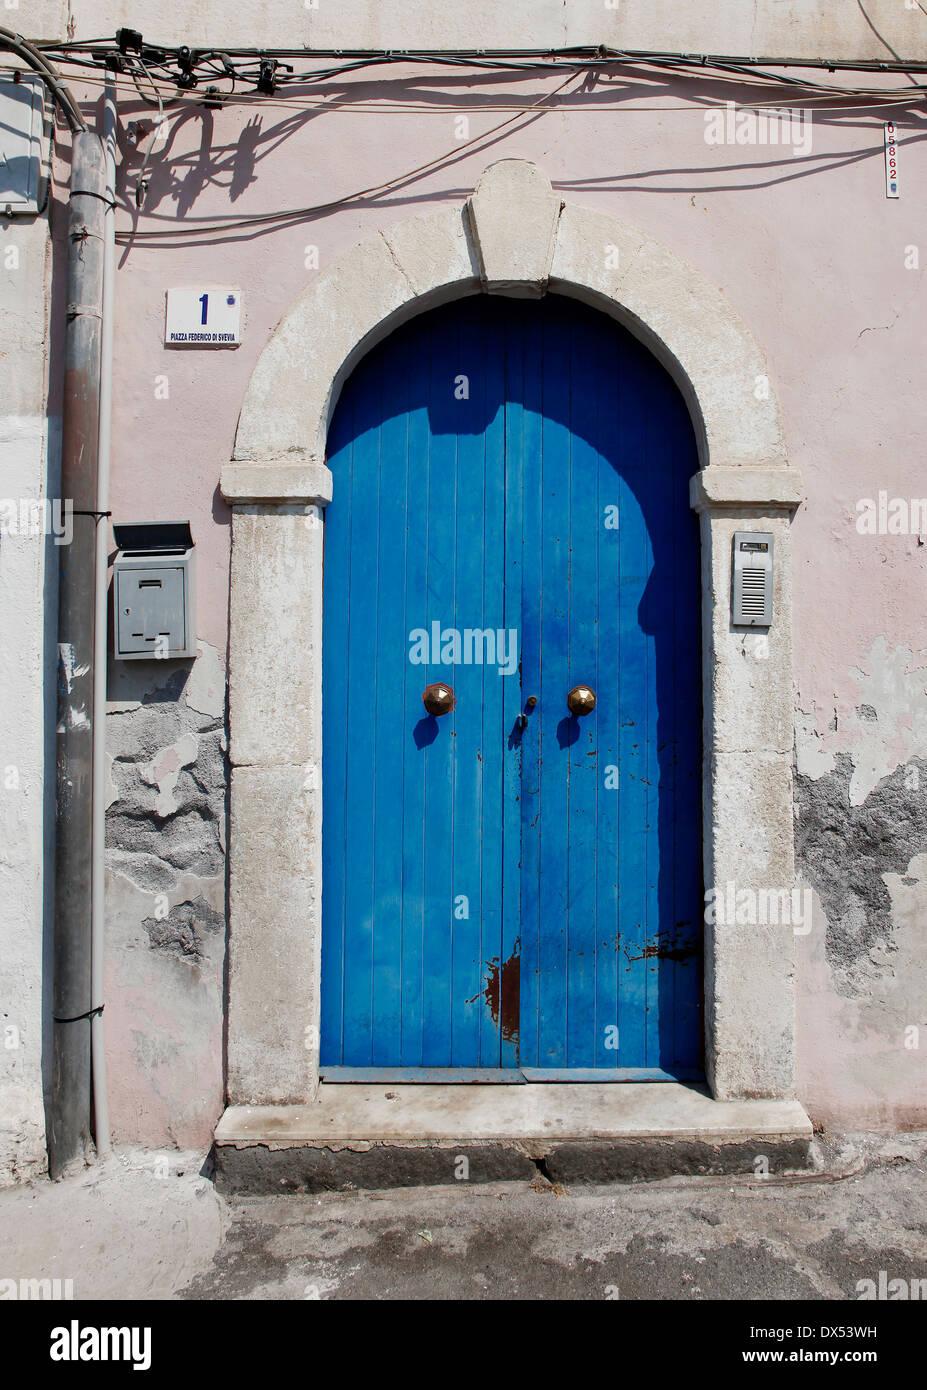 Una puerta azul con buzón, número 1 y el teléfono de entrada Imagen De Stock